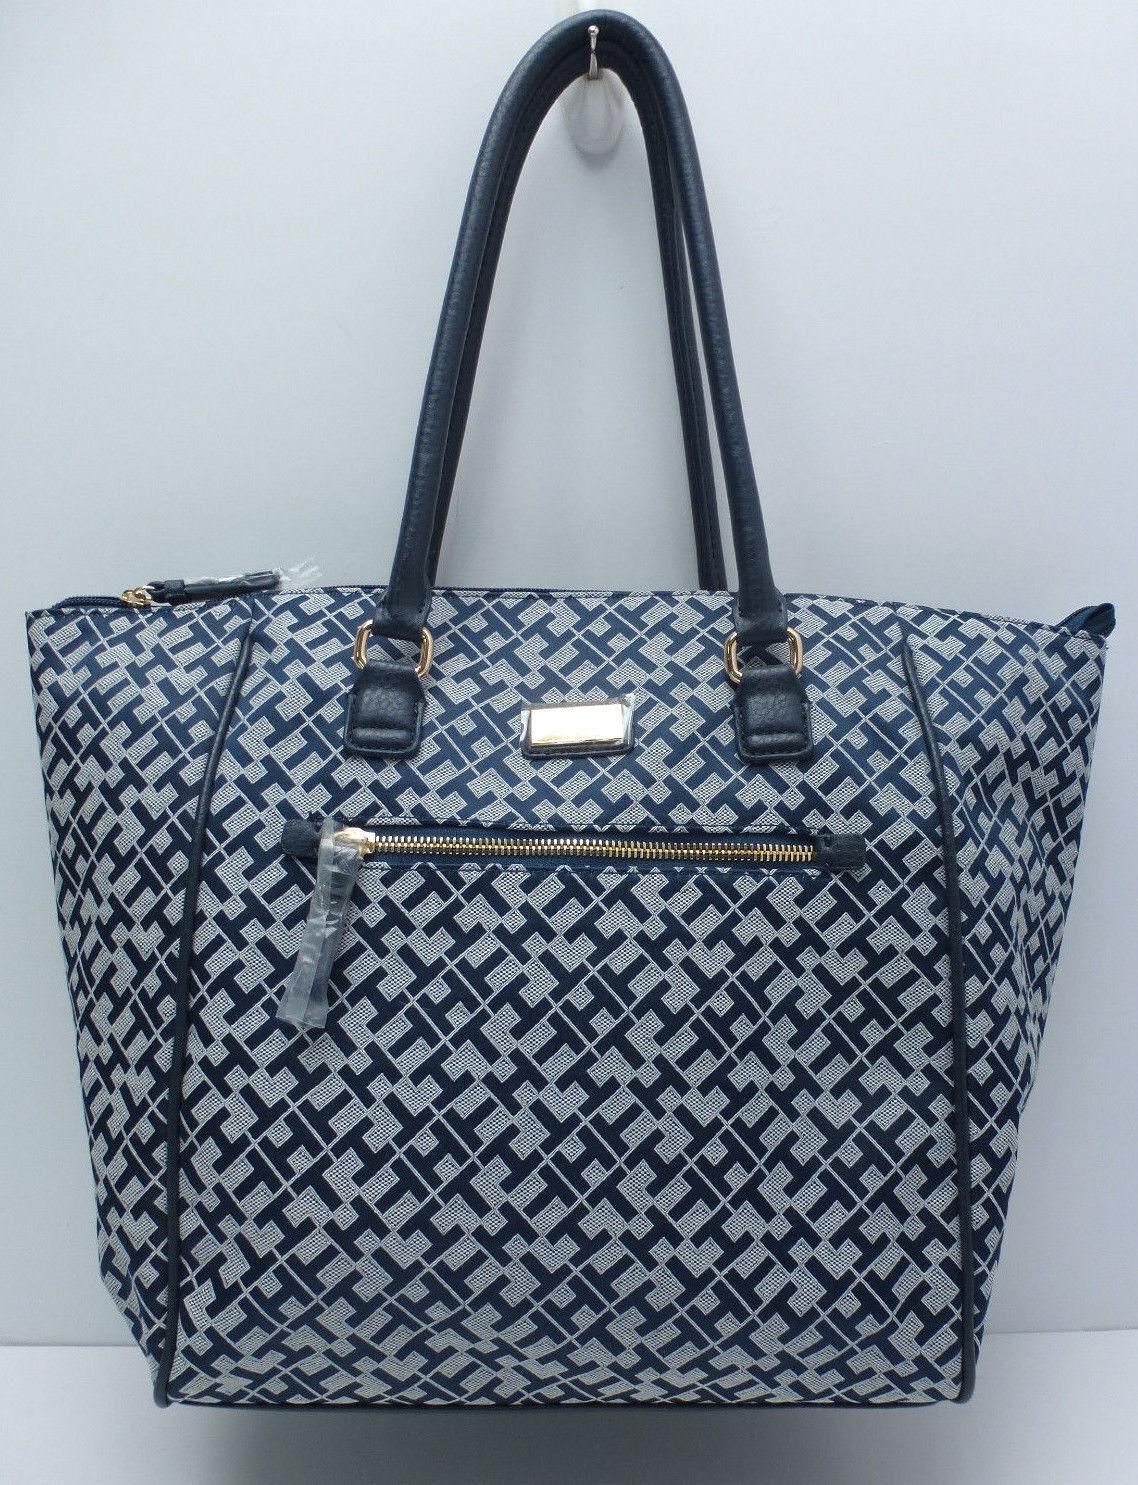 Buy Tommy Hilfiger Women Handbag  navy Blue white W gold Large Shoulder Tote  online  51c3ec6582